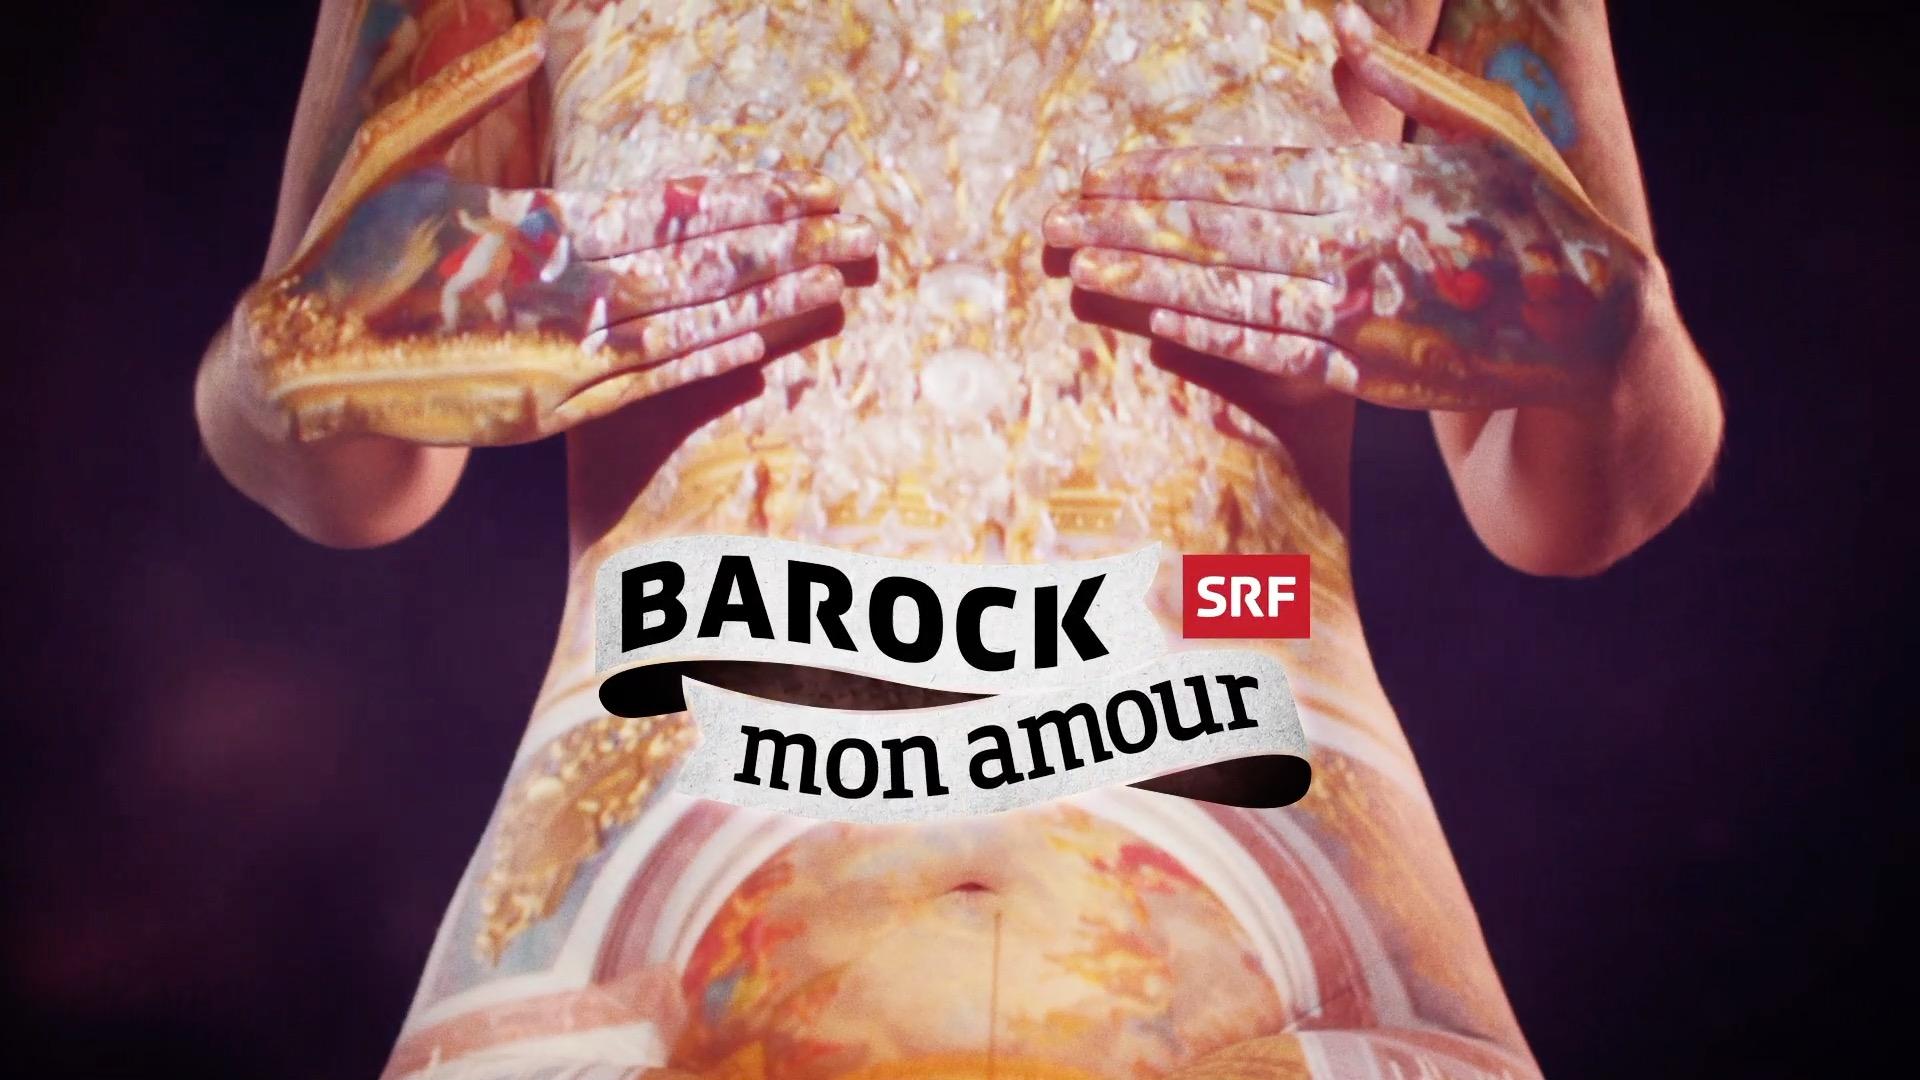 Barock mon amour img